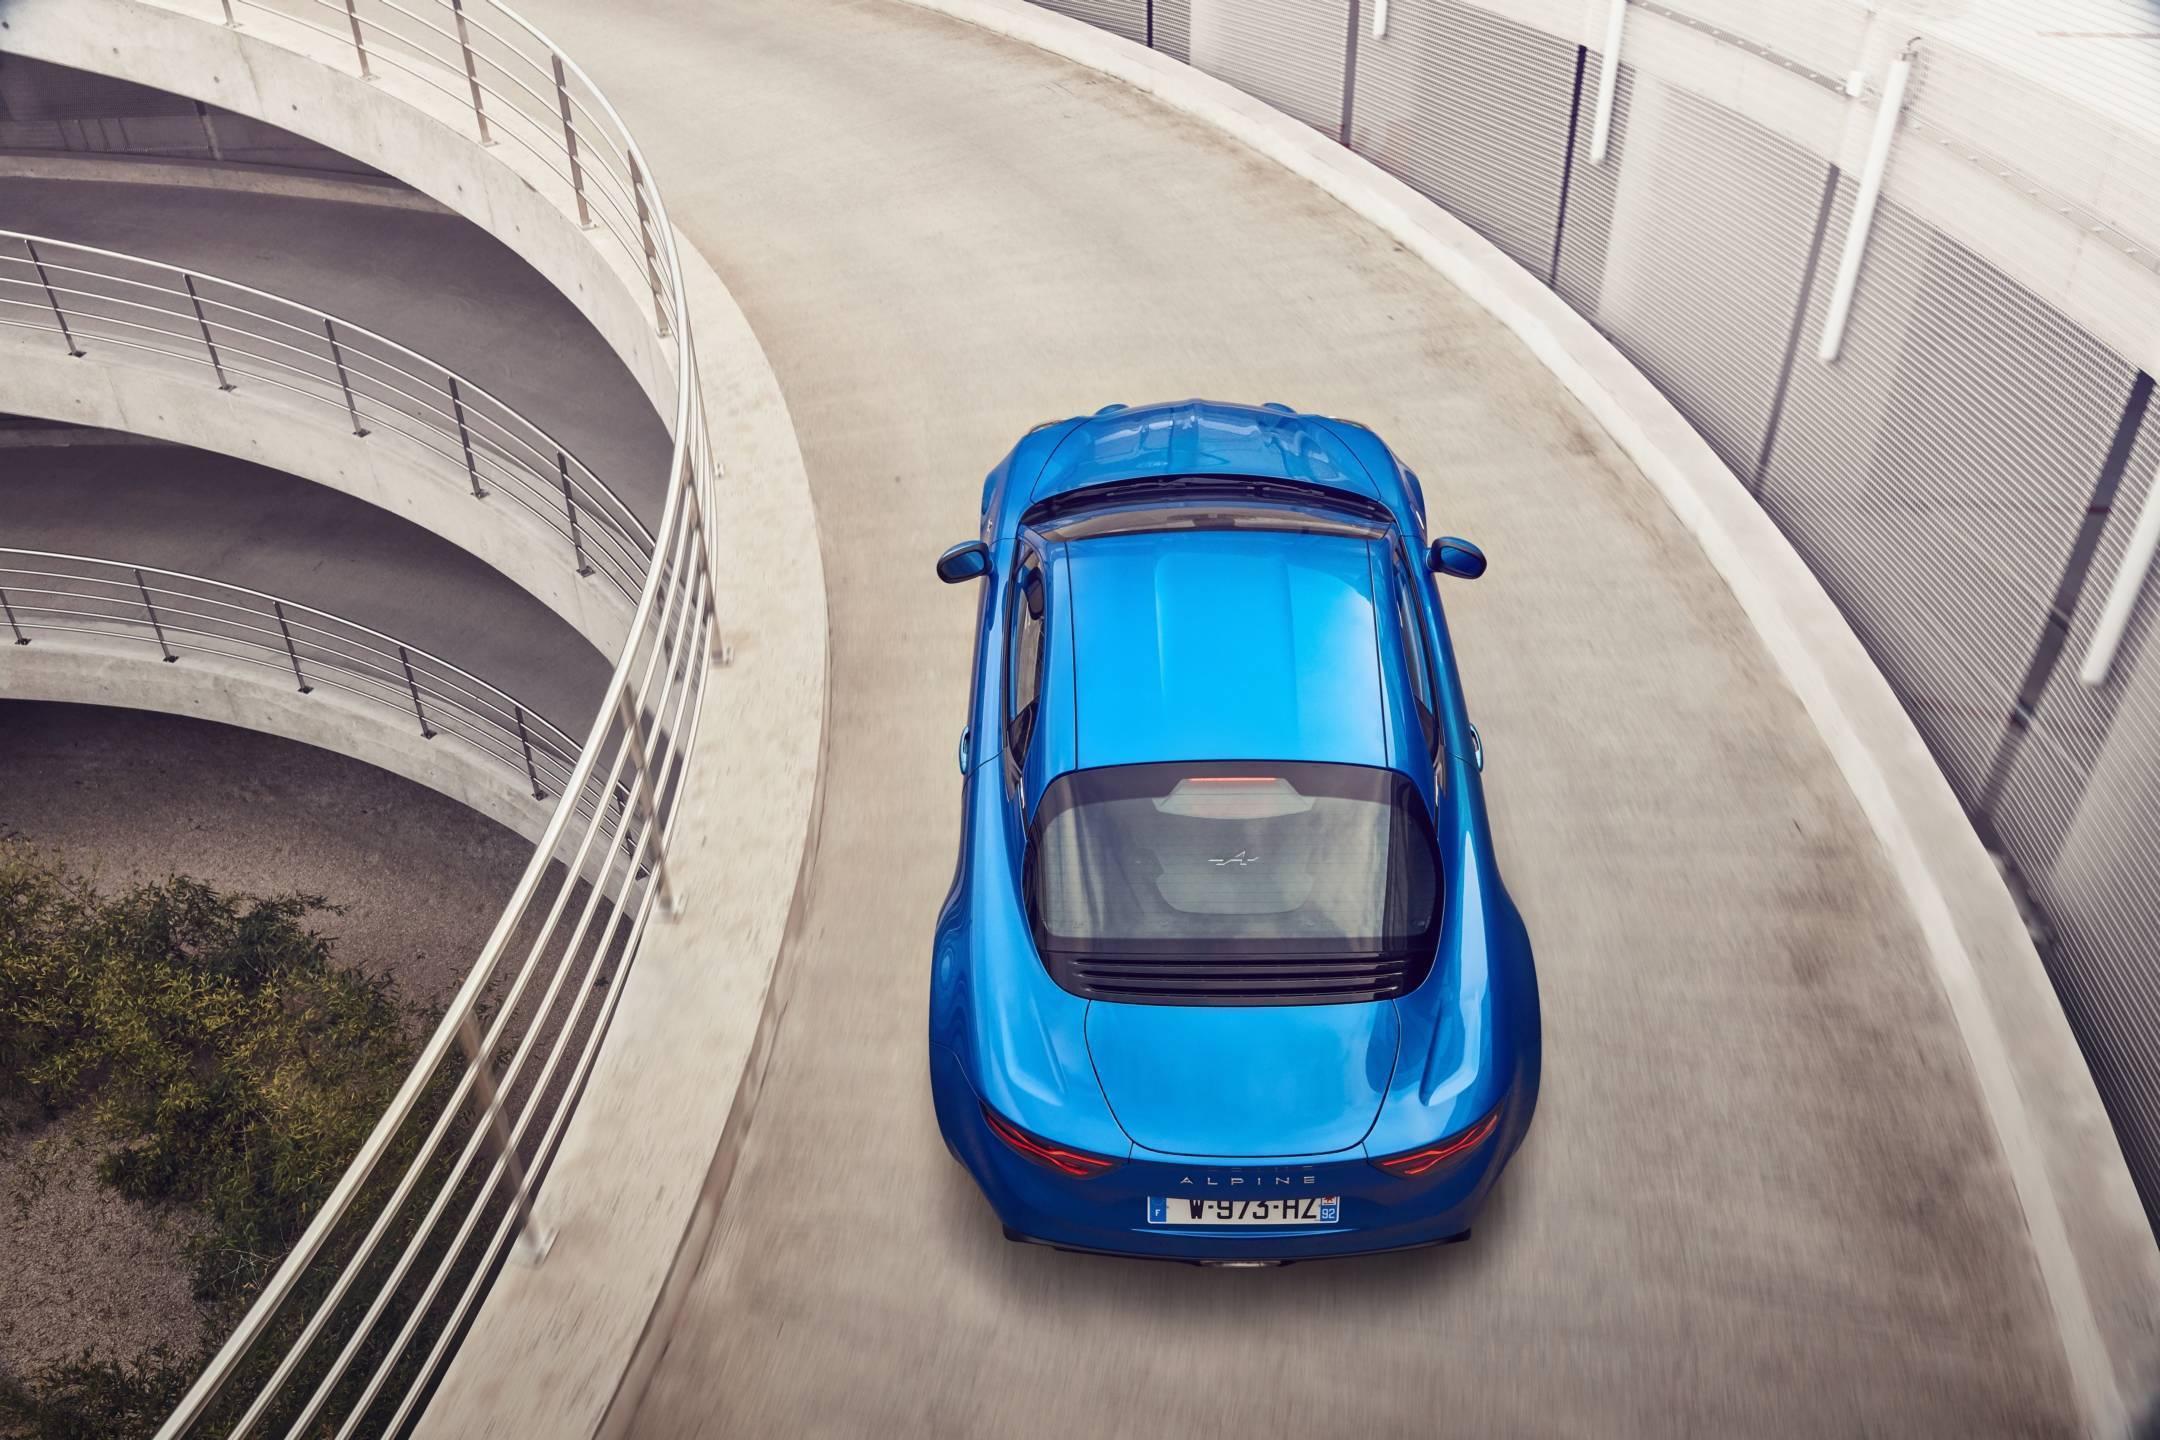 Alpine planet 2017 Alpine A110 test drive 38 - Notre essai de la nouvelle Alpine A110 sur route !